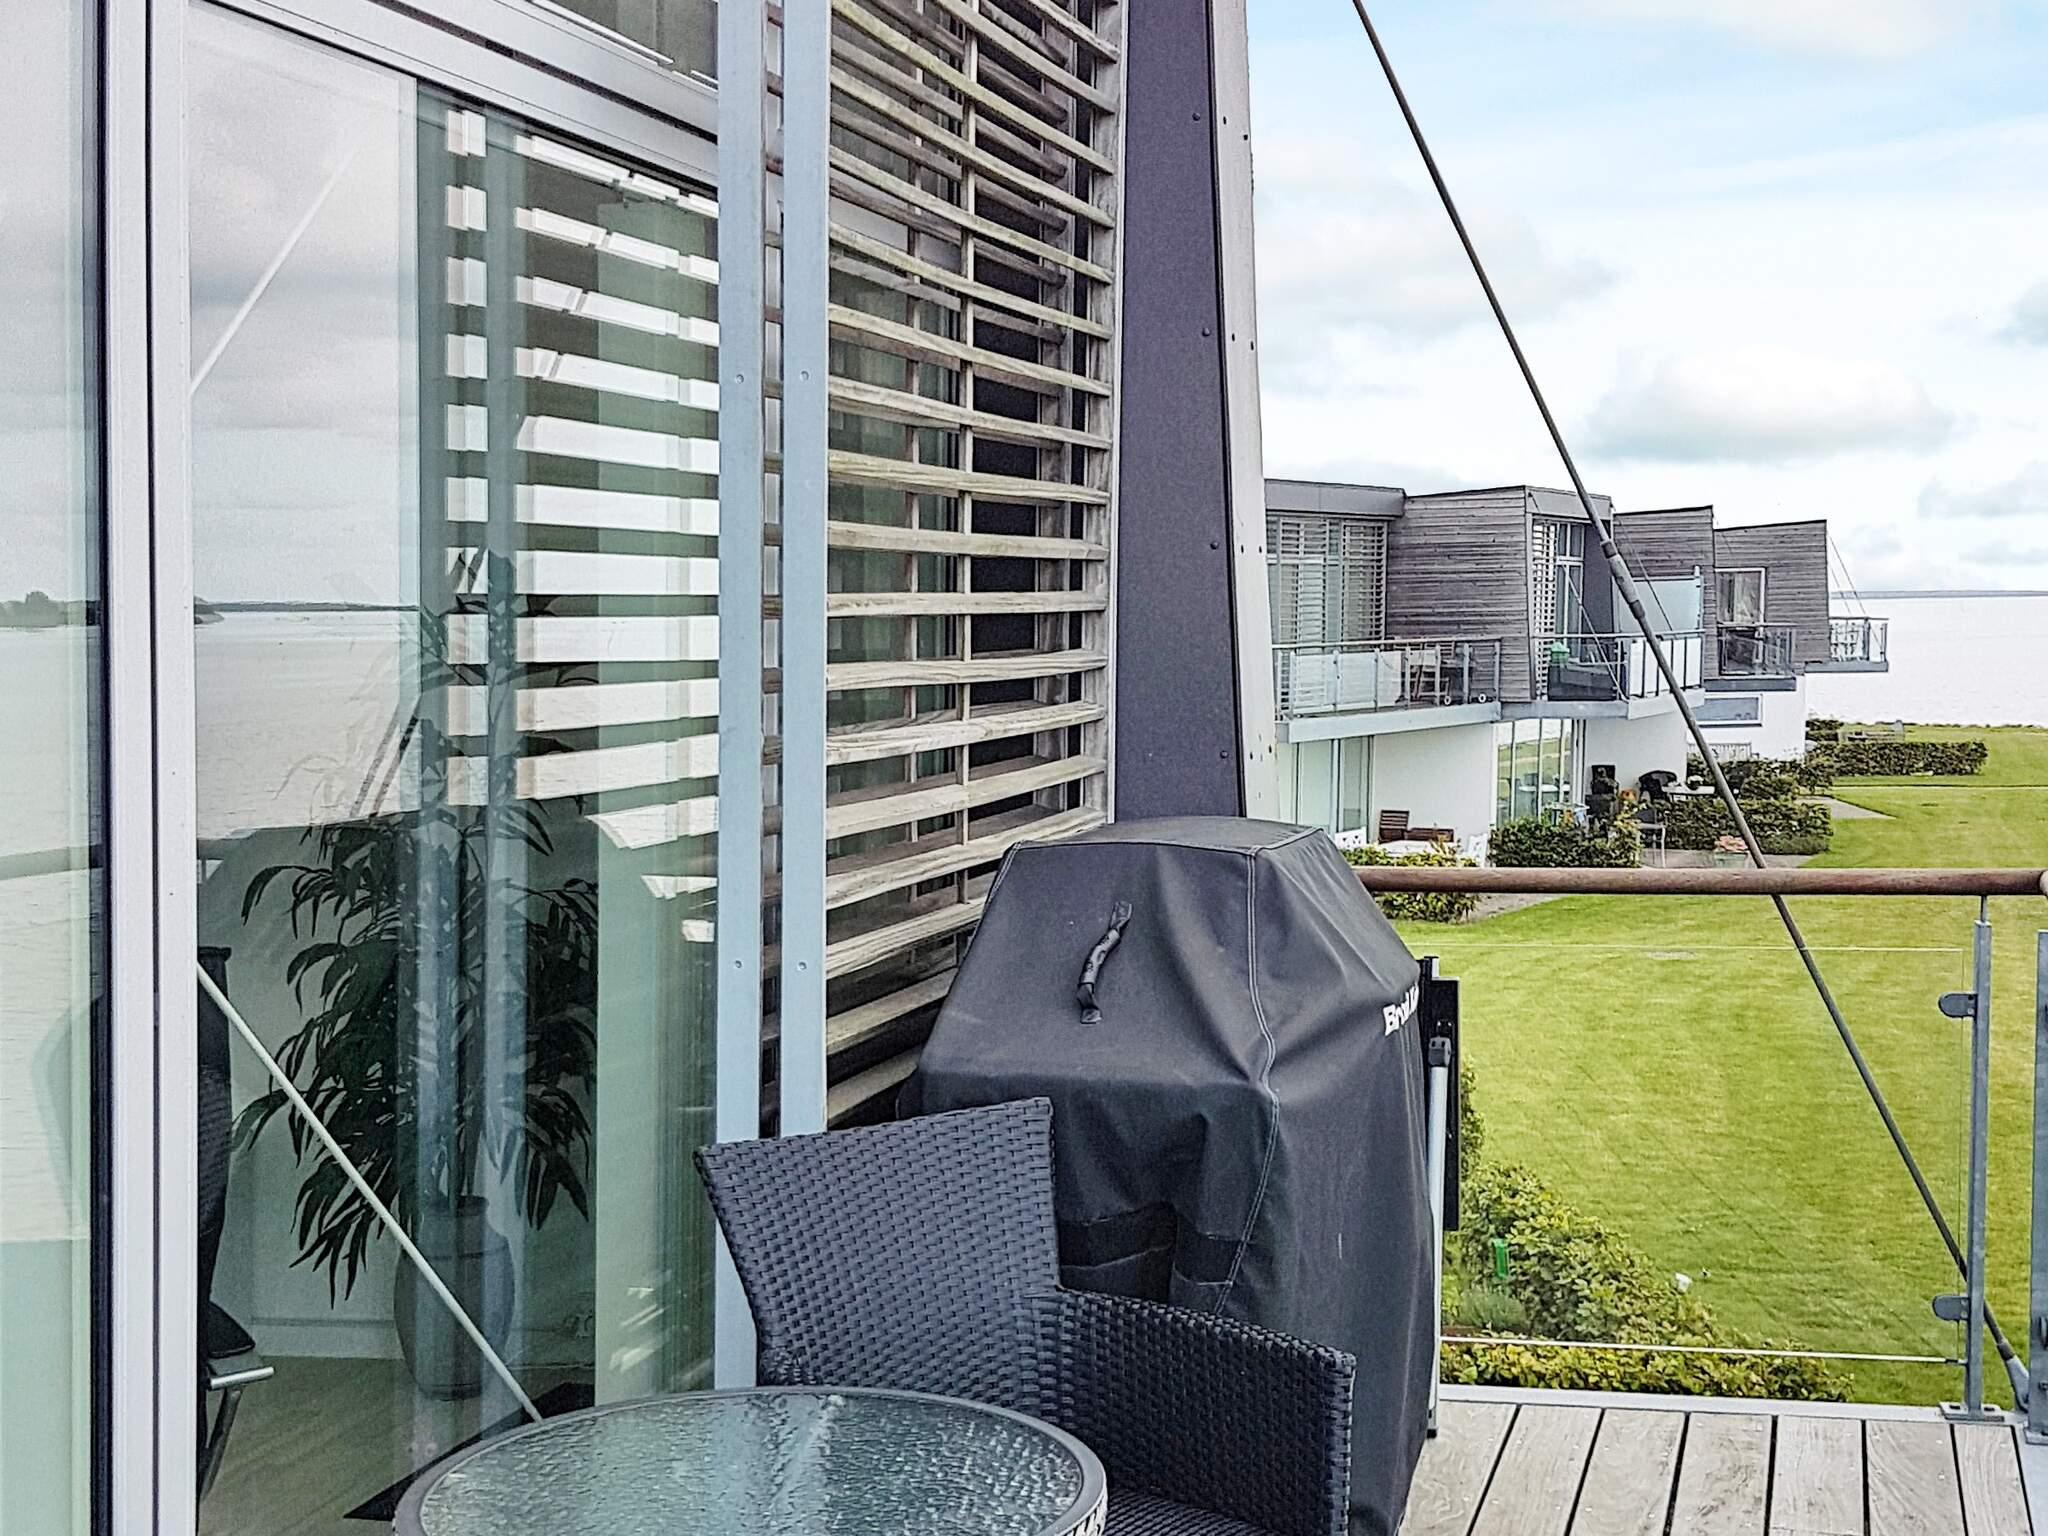 Ferienhaus Stege (264060), Stege, , Møn, Dänemark, Bild 23